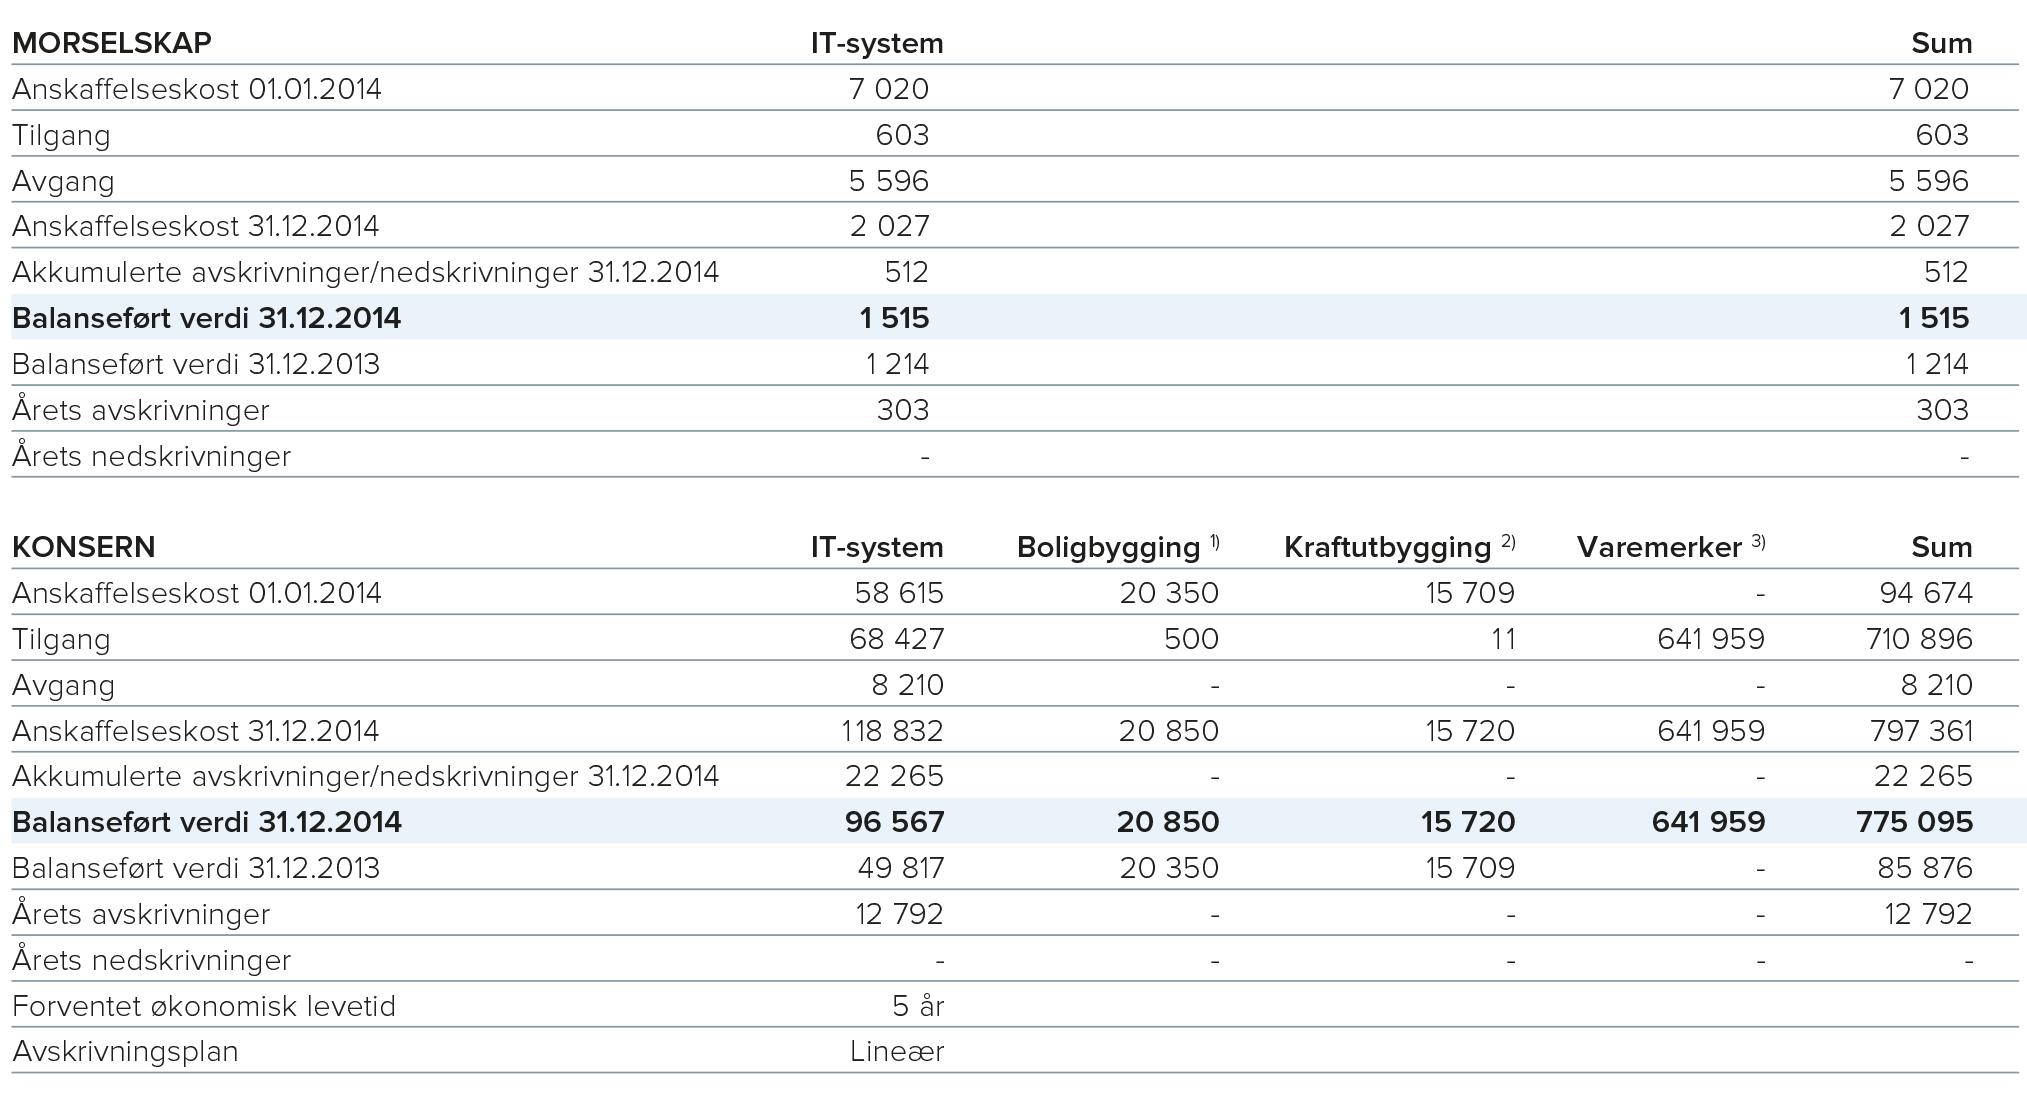 1) OBOS Nye Hjem AS eier en opsjon på å kjøpe 50 prosent av eiendommen Bjørnegårdssvingen 11-13, gnr 82, bnr 7 i Bærum kommune for kroner 35,0 millioner kroner innen 01.07.2026, dog senest innen det tidspunkt det foreligger endelig, offentlig godkjent reguleringsplan og utbyggingsavtale med Bærum kommune. For denne opsjonen har OBOS Nye Hjem AS betalt kroner 14,0 millioner kroner.  OBOS Nye Hjem AS har en opsjon på å kjøpe eiendommen gnr. 112, bnr 5, 8 og 30 i Bergen kommune. For denne opsjonen har OBOS Nye Hjem AS betalt 6,5 millioner kroner.       OBOS Nye Hjem AS har en opsjon på å kjøpe en tomt på Hjemseng i Tønsberg. For denne opsjonen har OBOS Nye Hjem AS betalt 0,4 millioner kroner.     2) Tyngdekraft AS (i OBOS Energi konsern) eier 100 prosent av aksjene i Kvitno Kraft AS og Bråberg Kraft AS. Kvitno Kraft AS og Bråberg Kraft AS har konsesjon til å utvikle og bygge småvannkraftverk.       3) Merverdi på varemerker ble etablert i forbindelse med morselskapets kjøp av alle aksjene i BWG Homes AS i 2014. Verdi av varemerker avskrives ikke, men testes årlig for verdifall. Er det indikasjoner på verdifall beregnes gjenvinnbart beløp, og dersom dette er lavere enn bokført verdi gjøres nedskrivning til gjenvinnbart beløp.